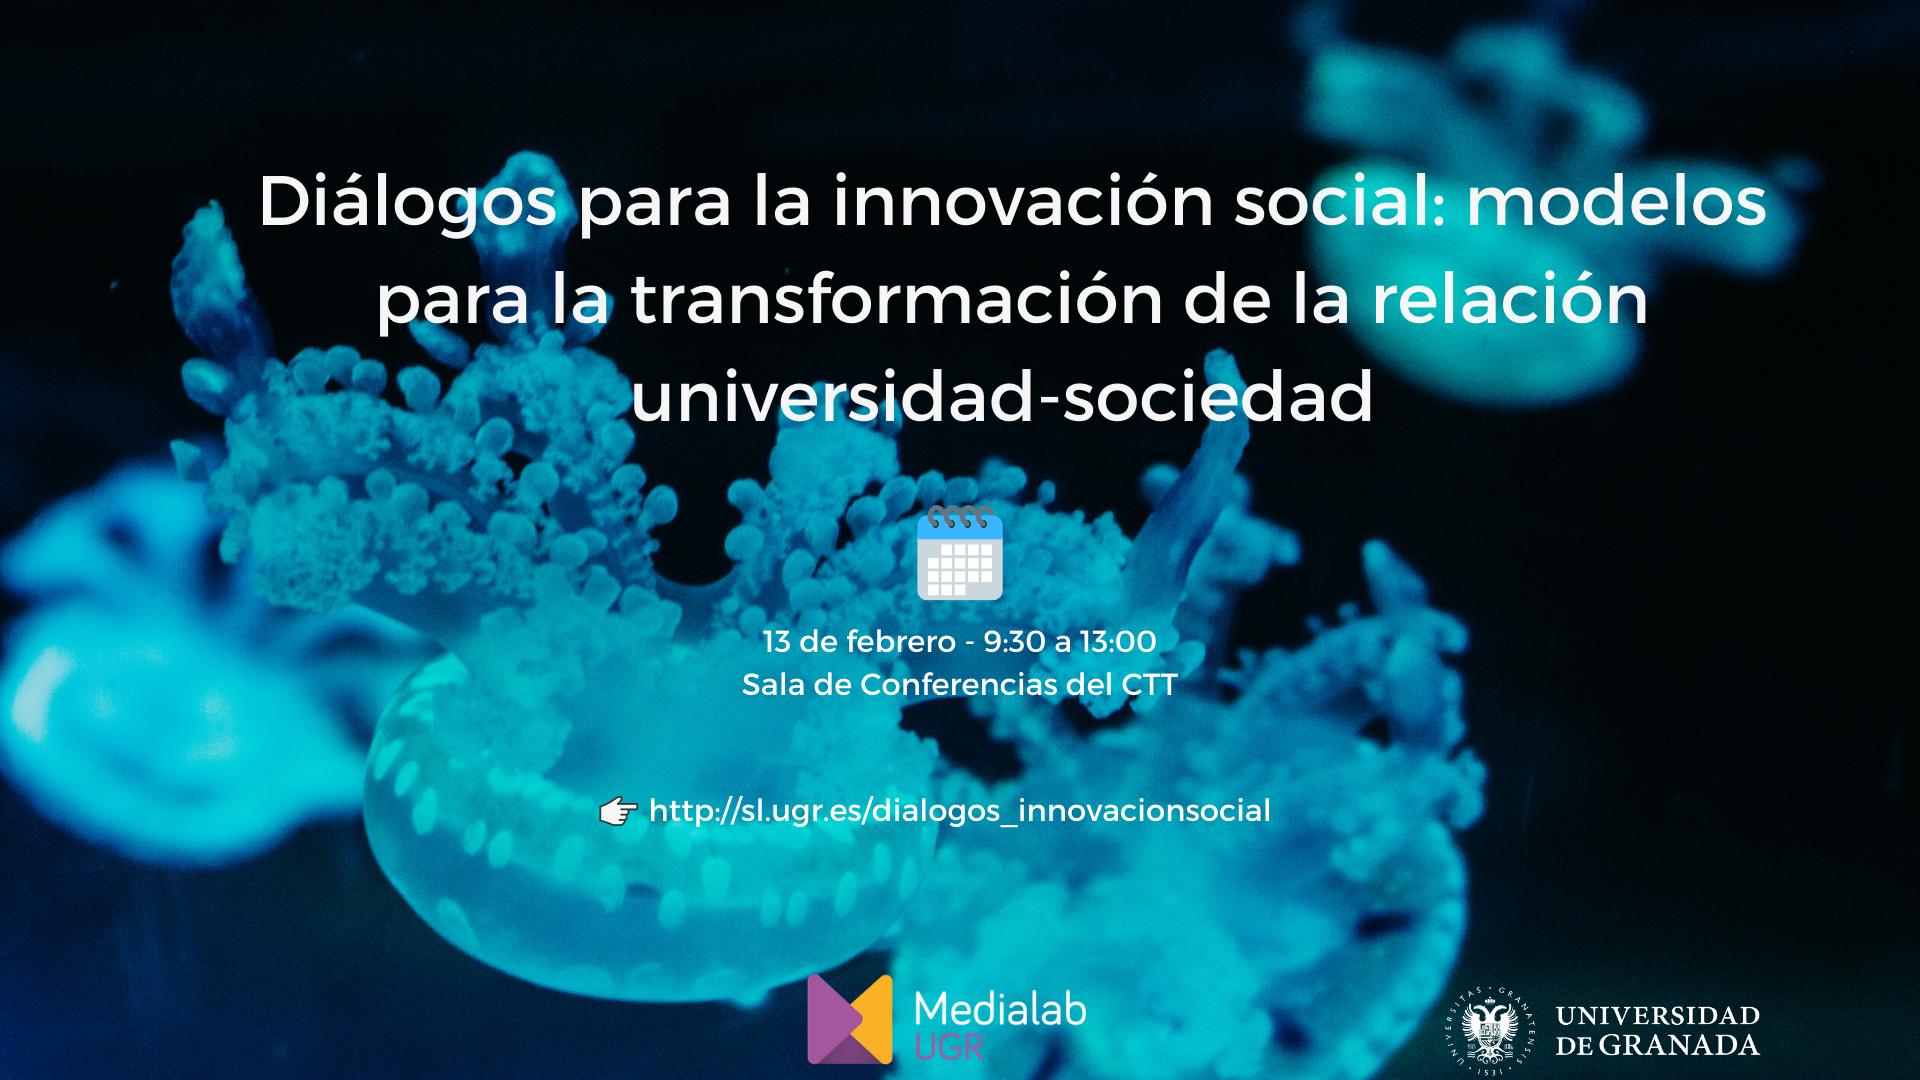 Diálogos para la innovación social: modelos para la transformación de la relación universidad-sociedad